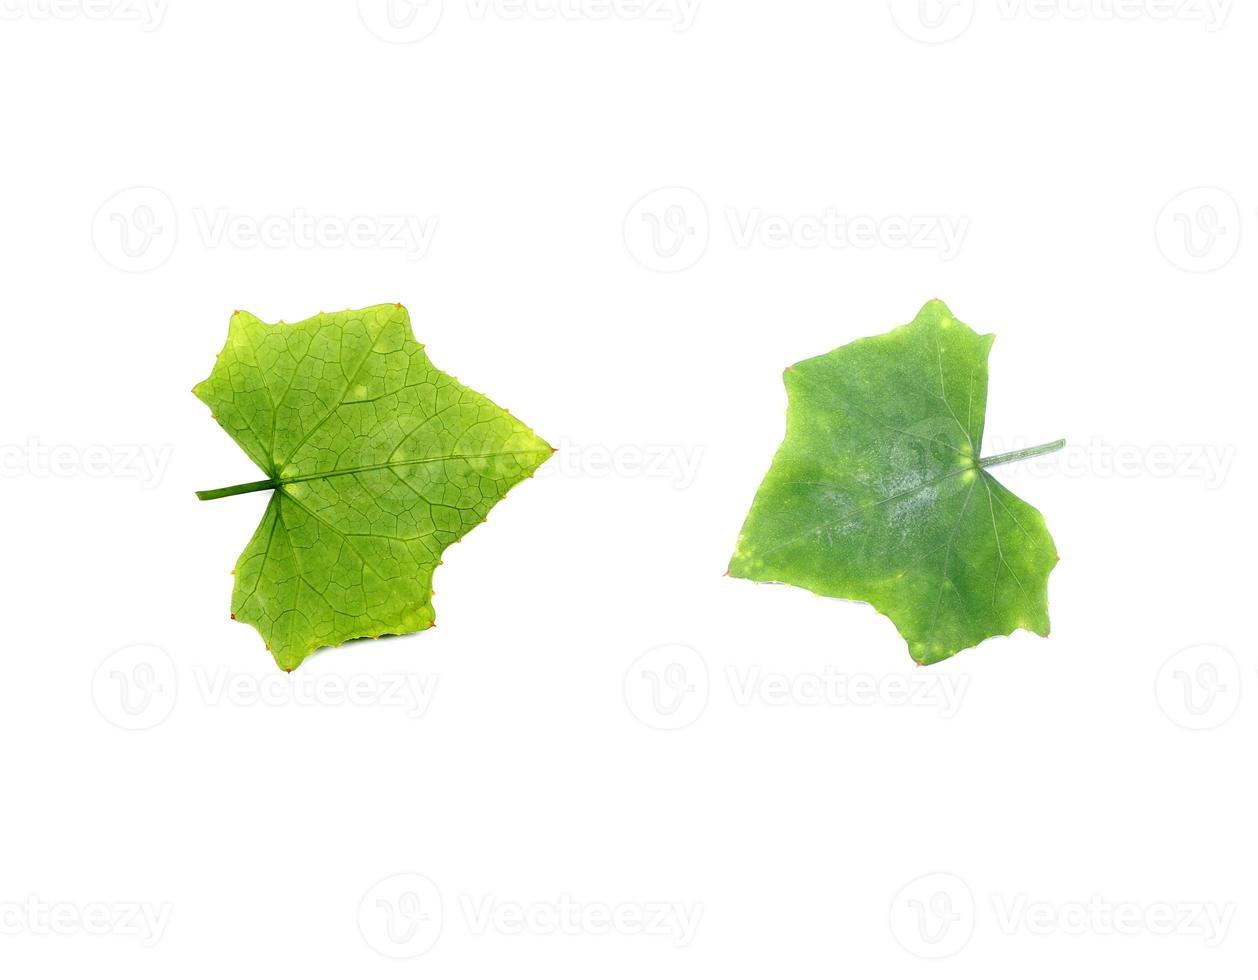 Sammlung tropisches grünes Blatt auf weißem Hintergrund foto